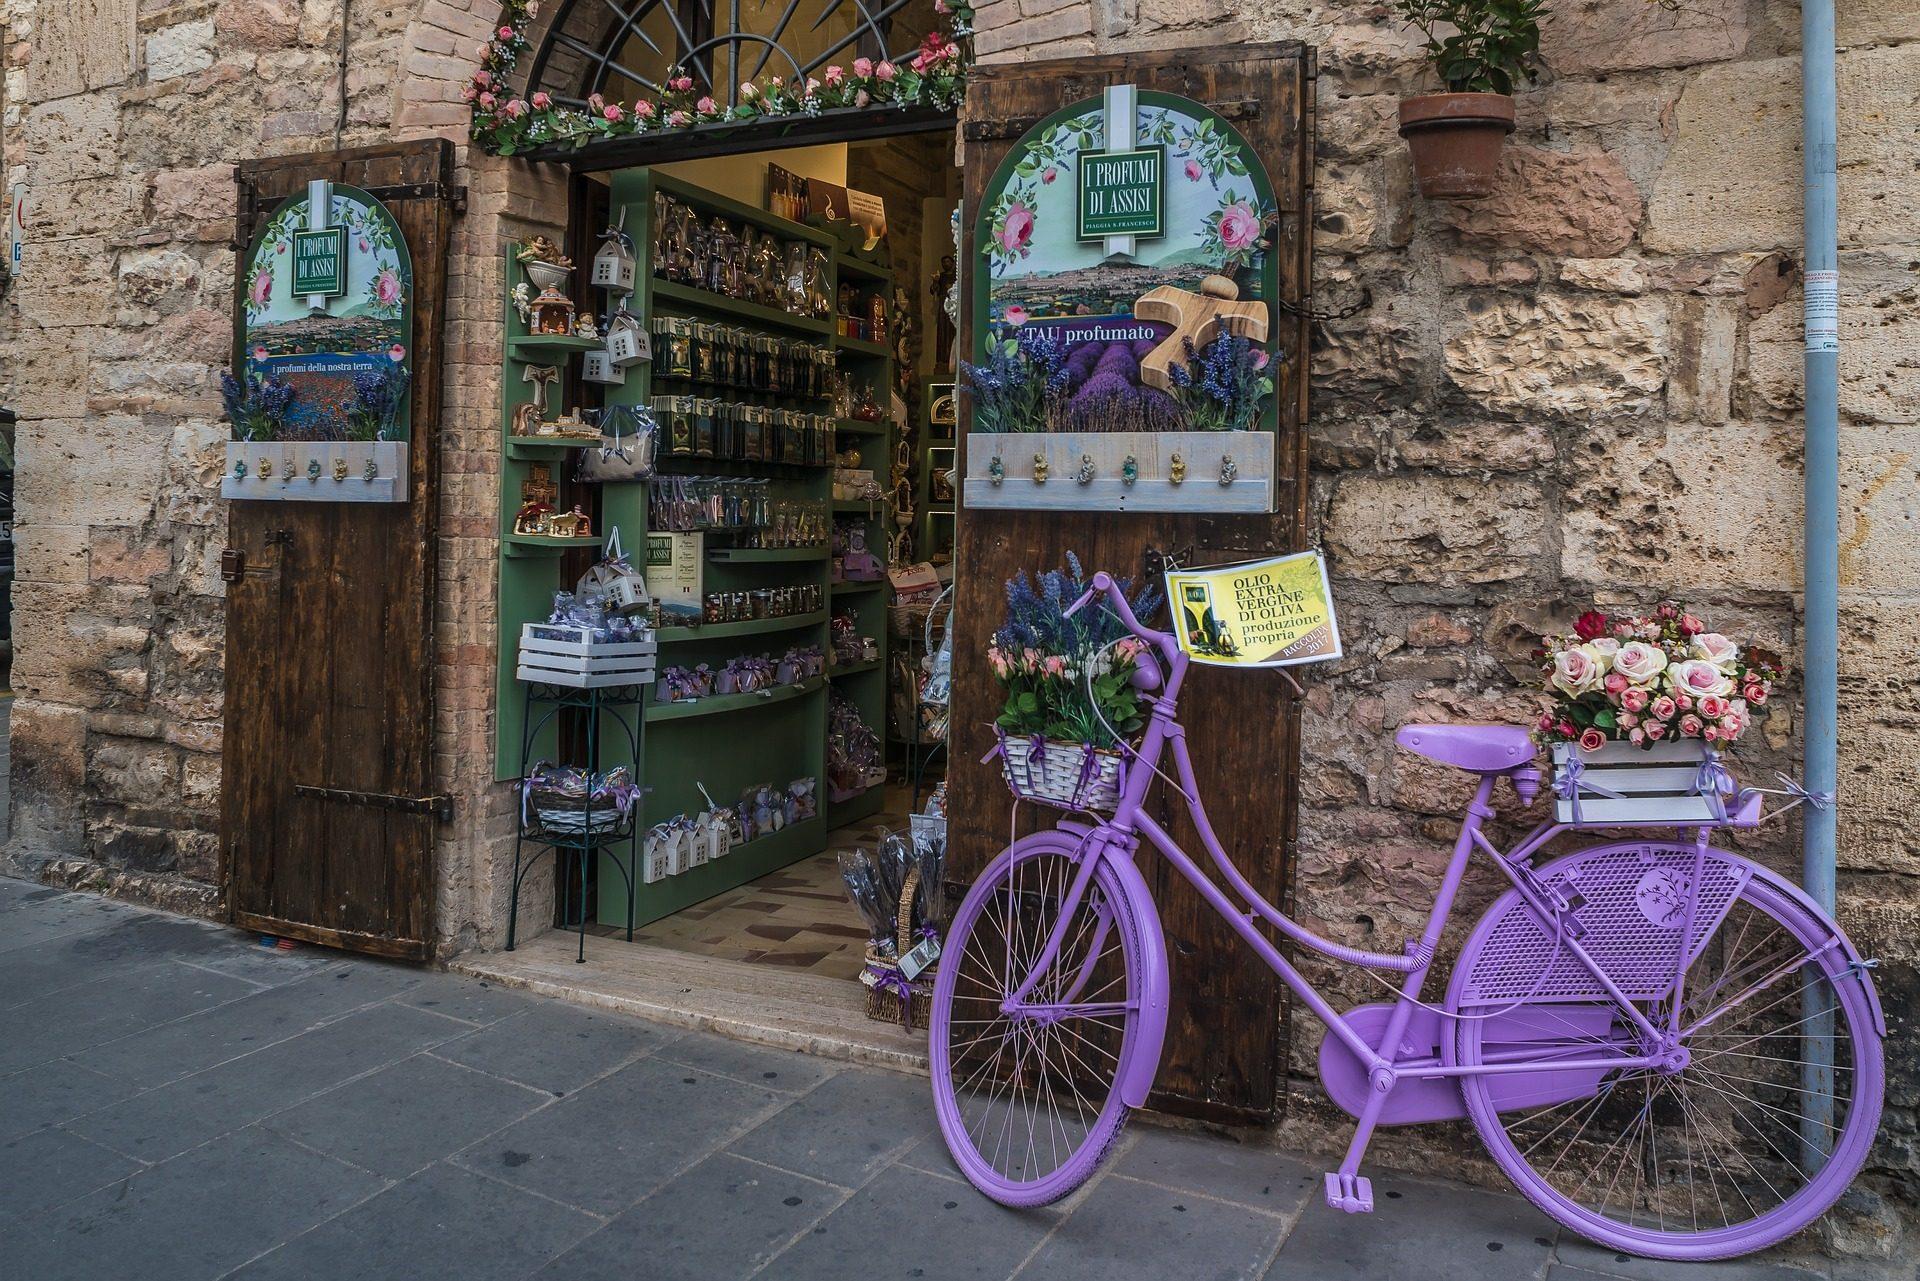 tienda, hierbas, bicicleta, casa, piedras - Fondos de Pantalla HD - professor-falken.com